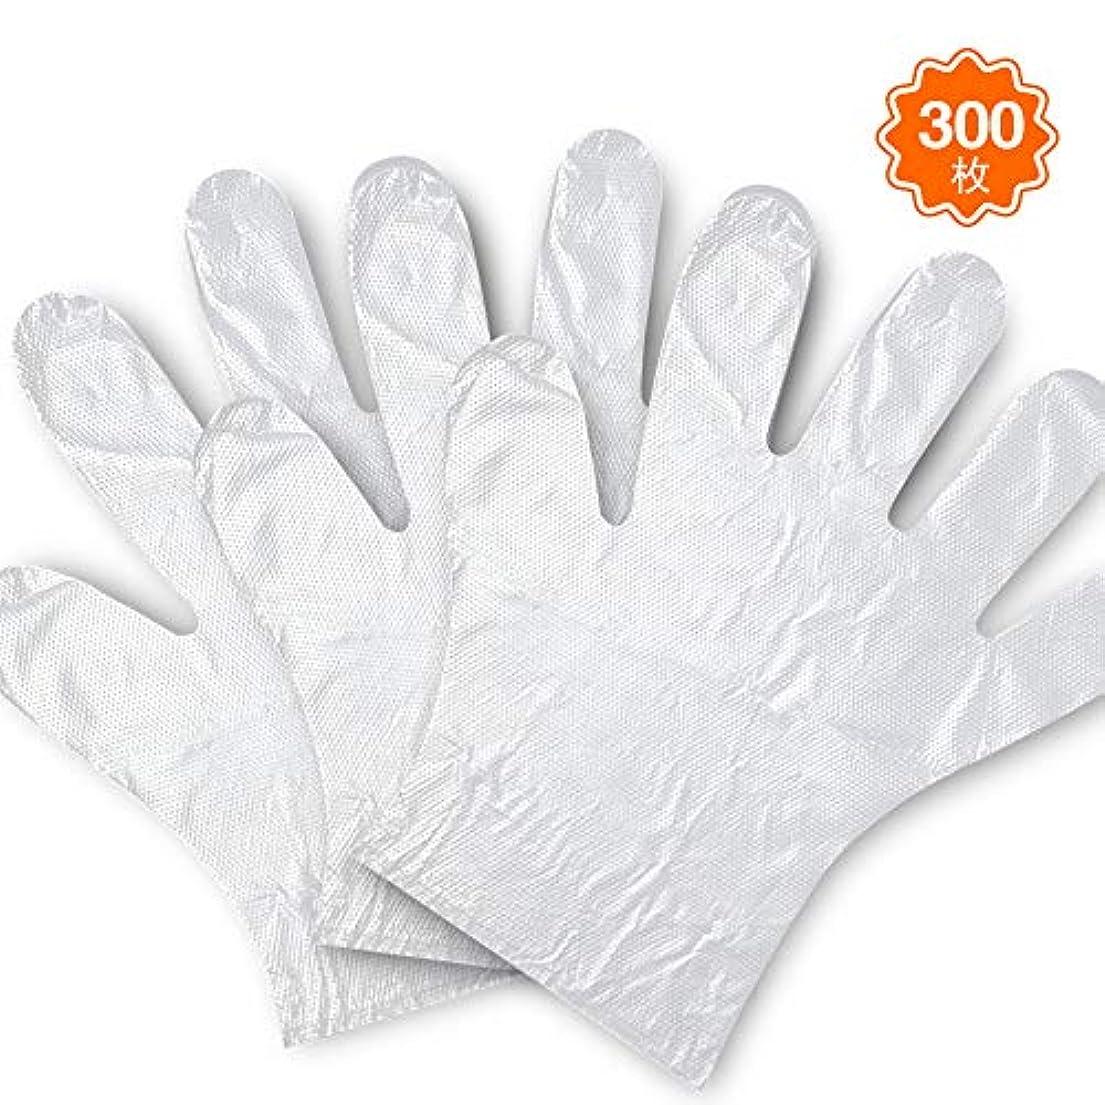 努力リフレッシュ言語FanDaMei 使い捨てポリ手袋 300枚 使いきり手袋 ポリエチレン 使い捨て手袋 極薄手袋 調理に?お掃除に?毛染めに 食品衛生法適合